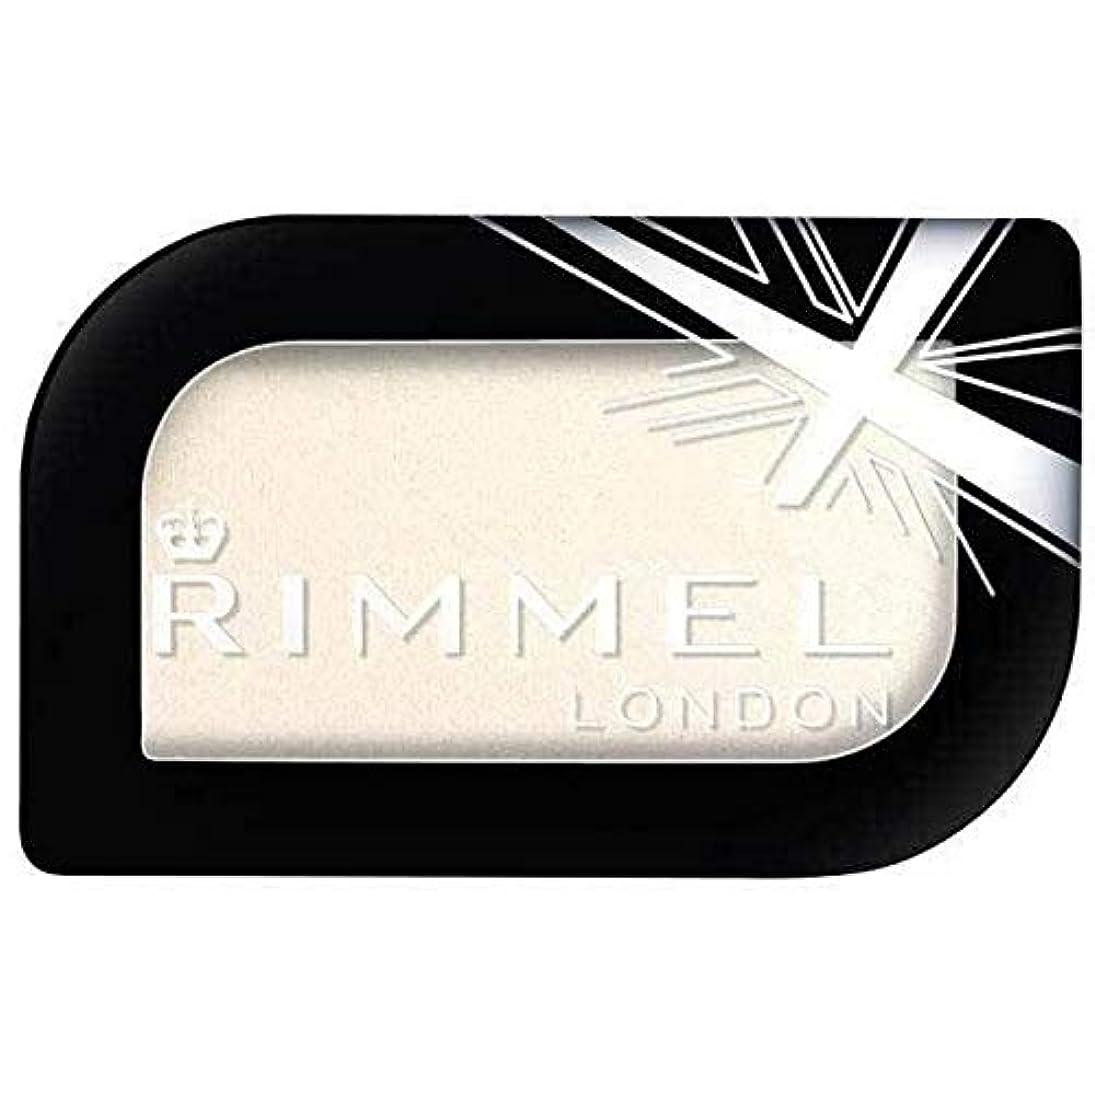 相談解決する運命[Rimmel ] リンメルロンドンは、モノアイシャドウQジャンプ5.2グラムをGlam'Eyes - Rimmel London Glam'eyes Mono Eyeshadow Q Jump 5.2g [並行輸入品]